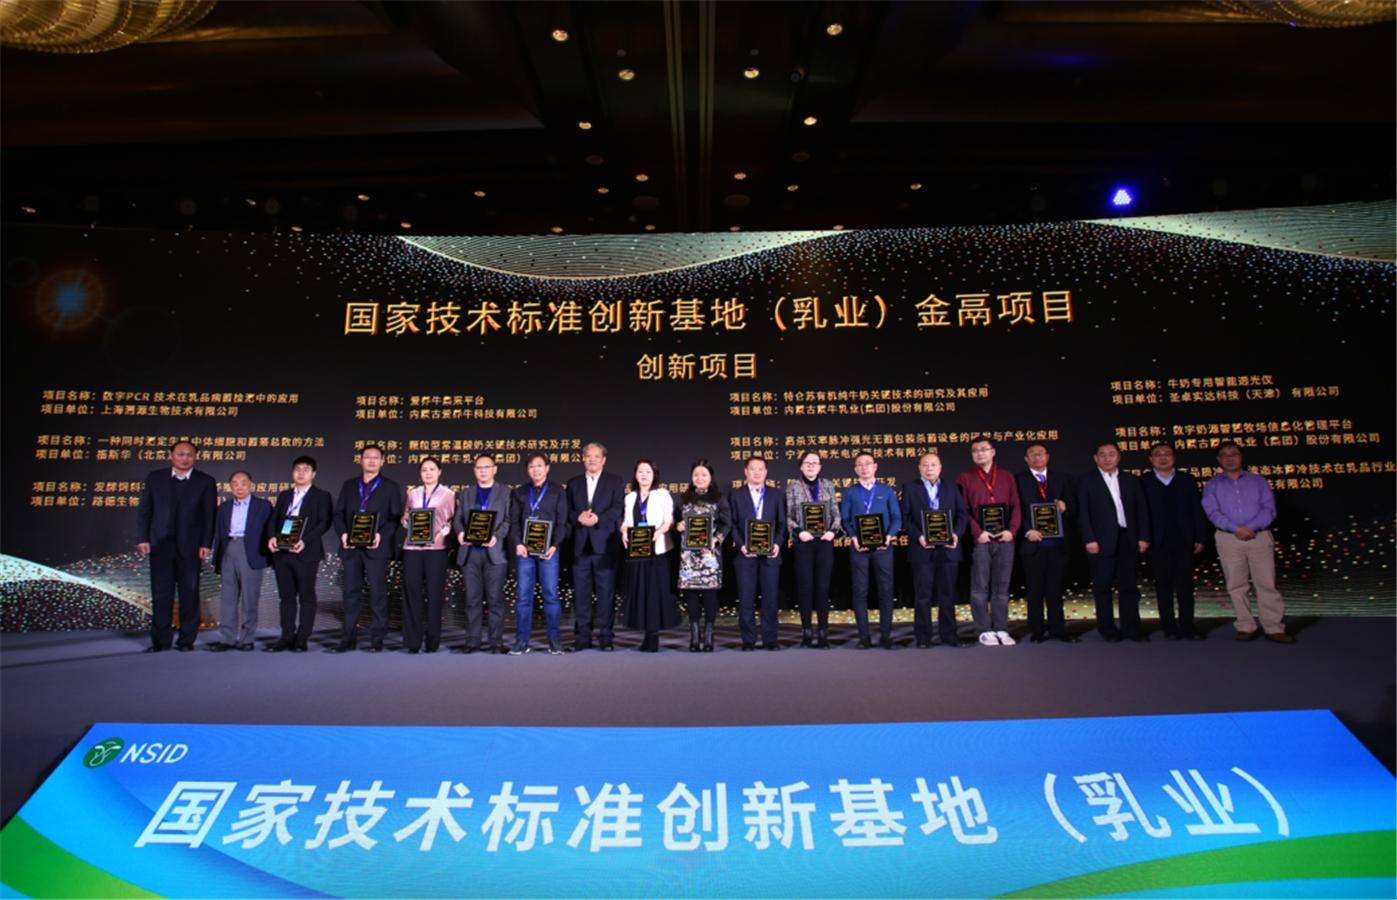 推动技术标准创新 做强做大中国乳业